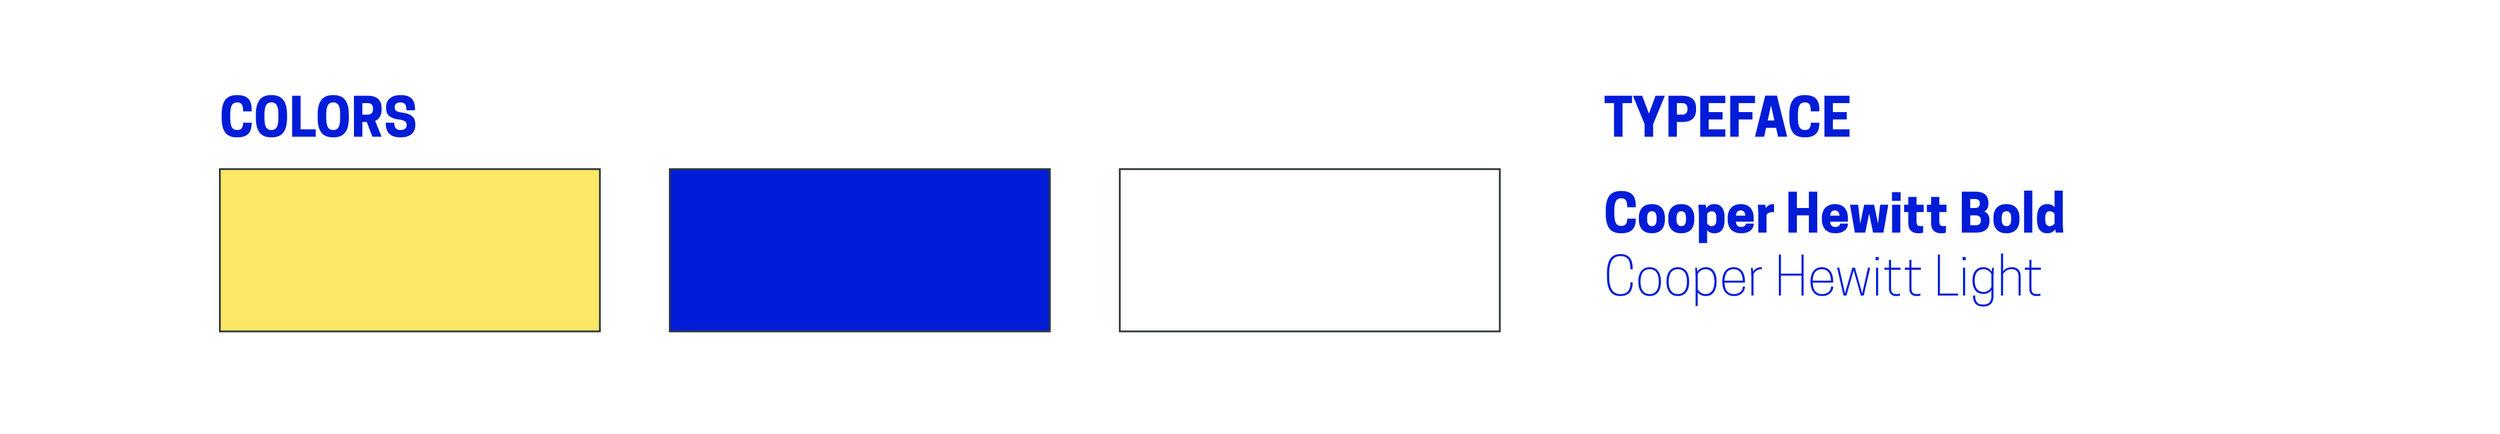 JitneyColors-01-01.jpg